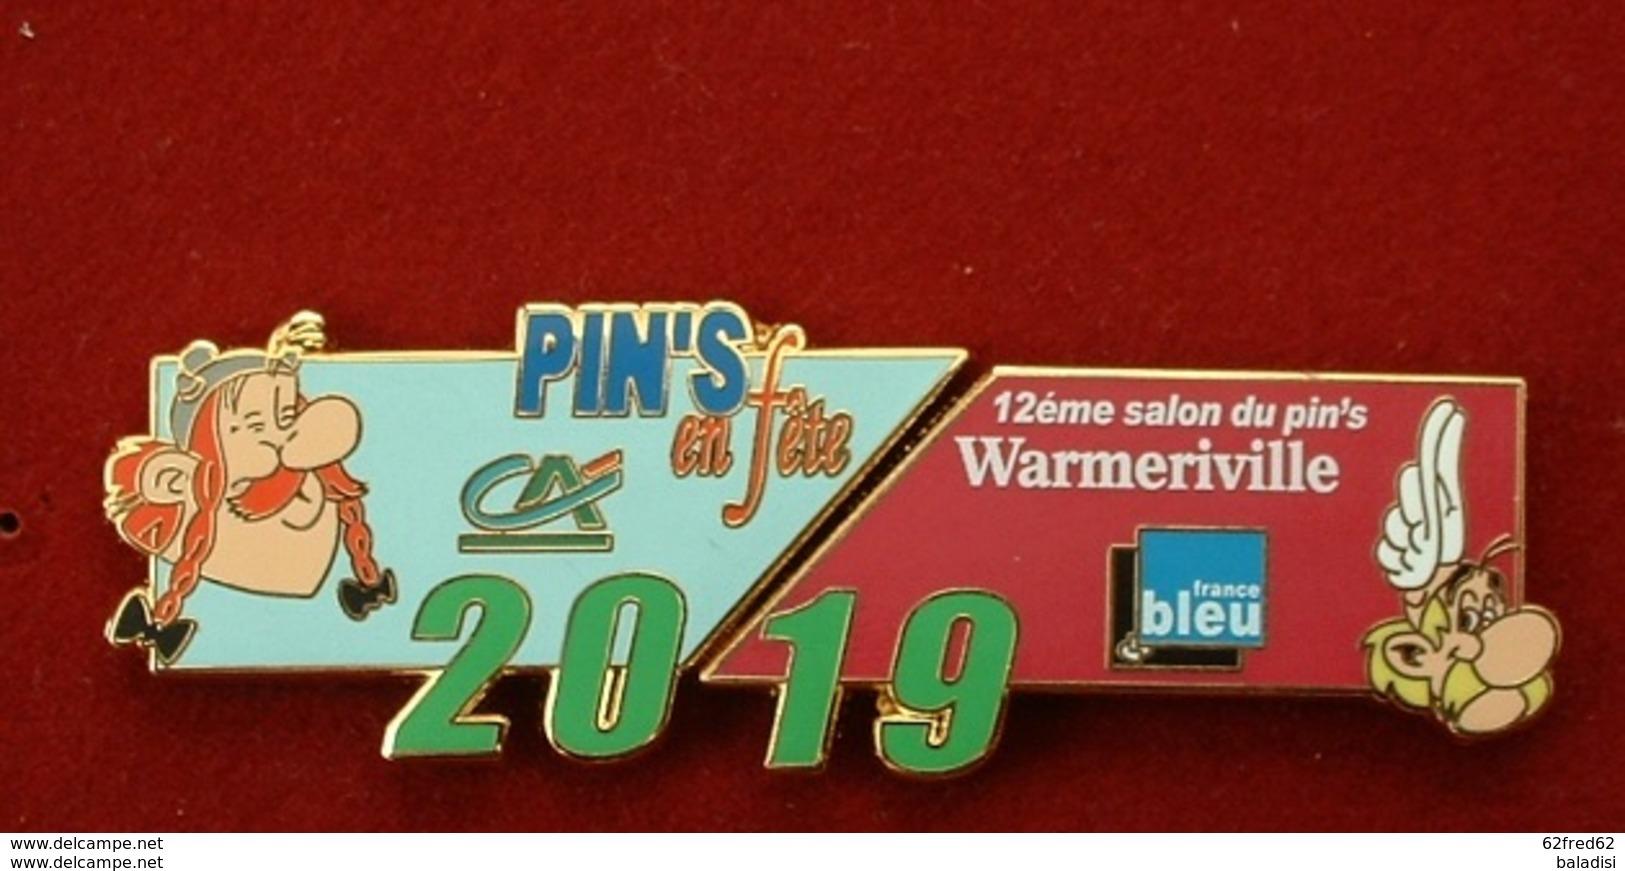 PUZZLE DE 2 PIN'S : 12éme SALON DU PIN'S WARMERIVILLE 2019 - ASTERIX & OBELIX - BD